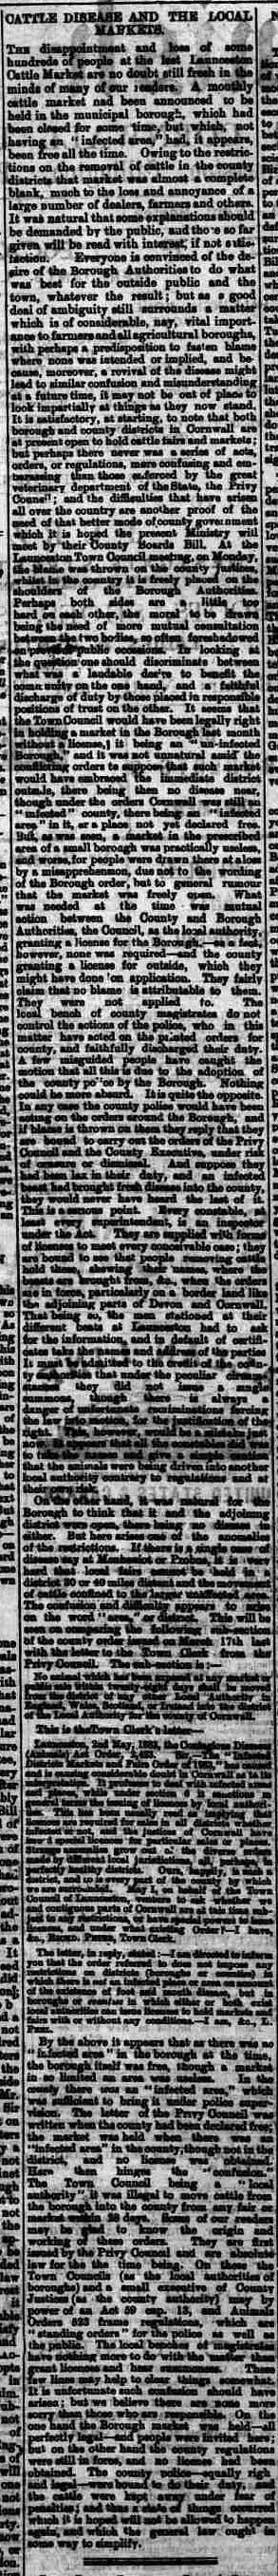 12 May 1883